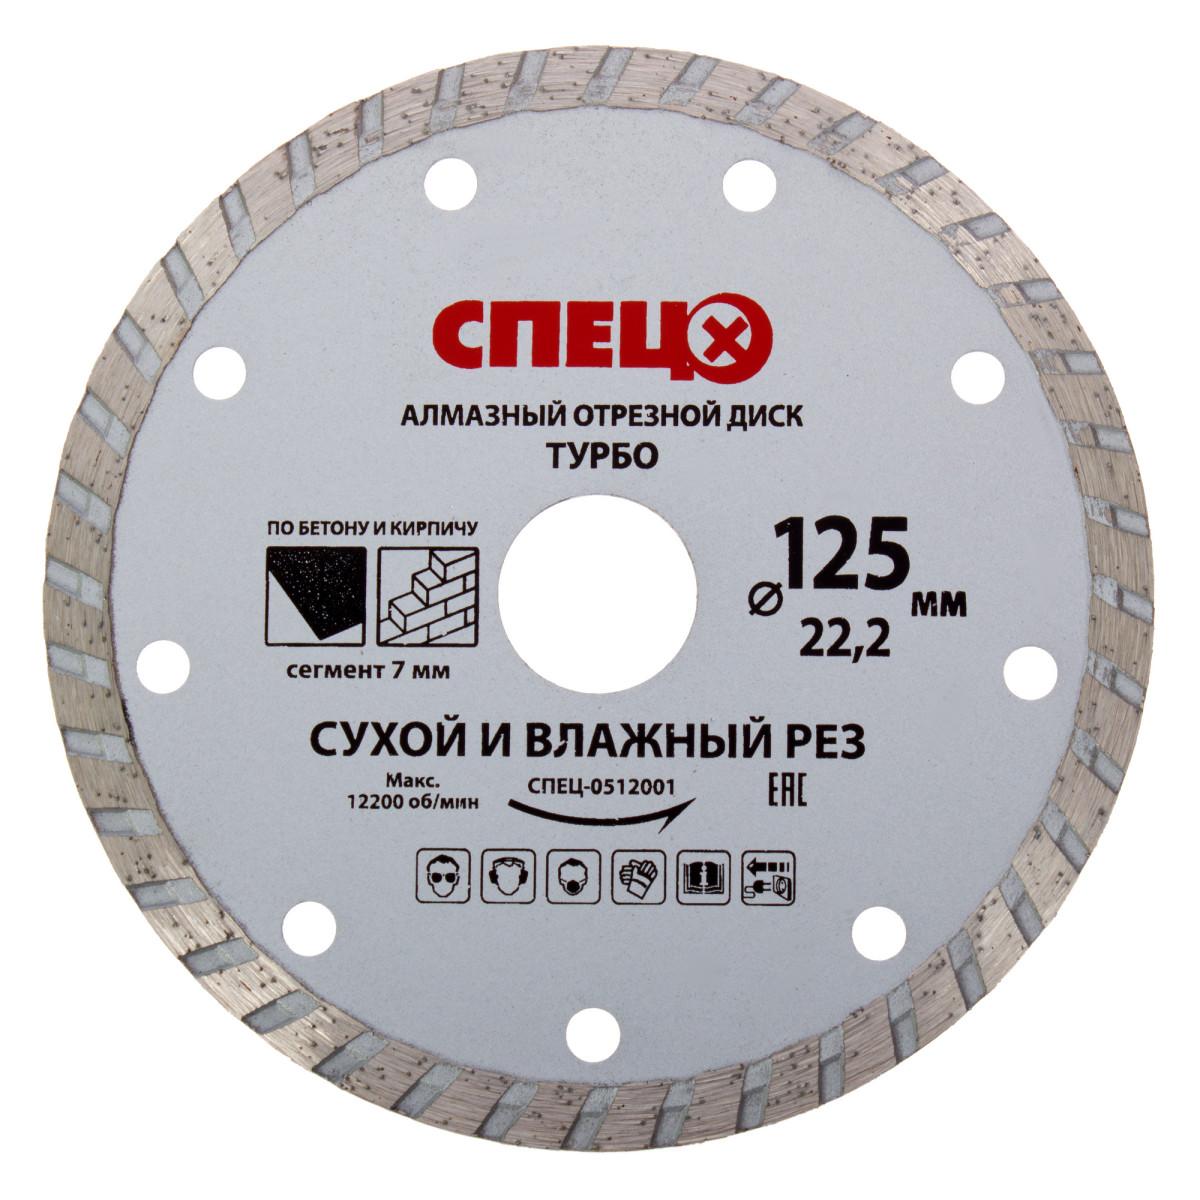 купить диск по бетону для болгарки 125 леруа